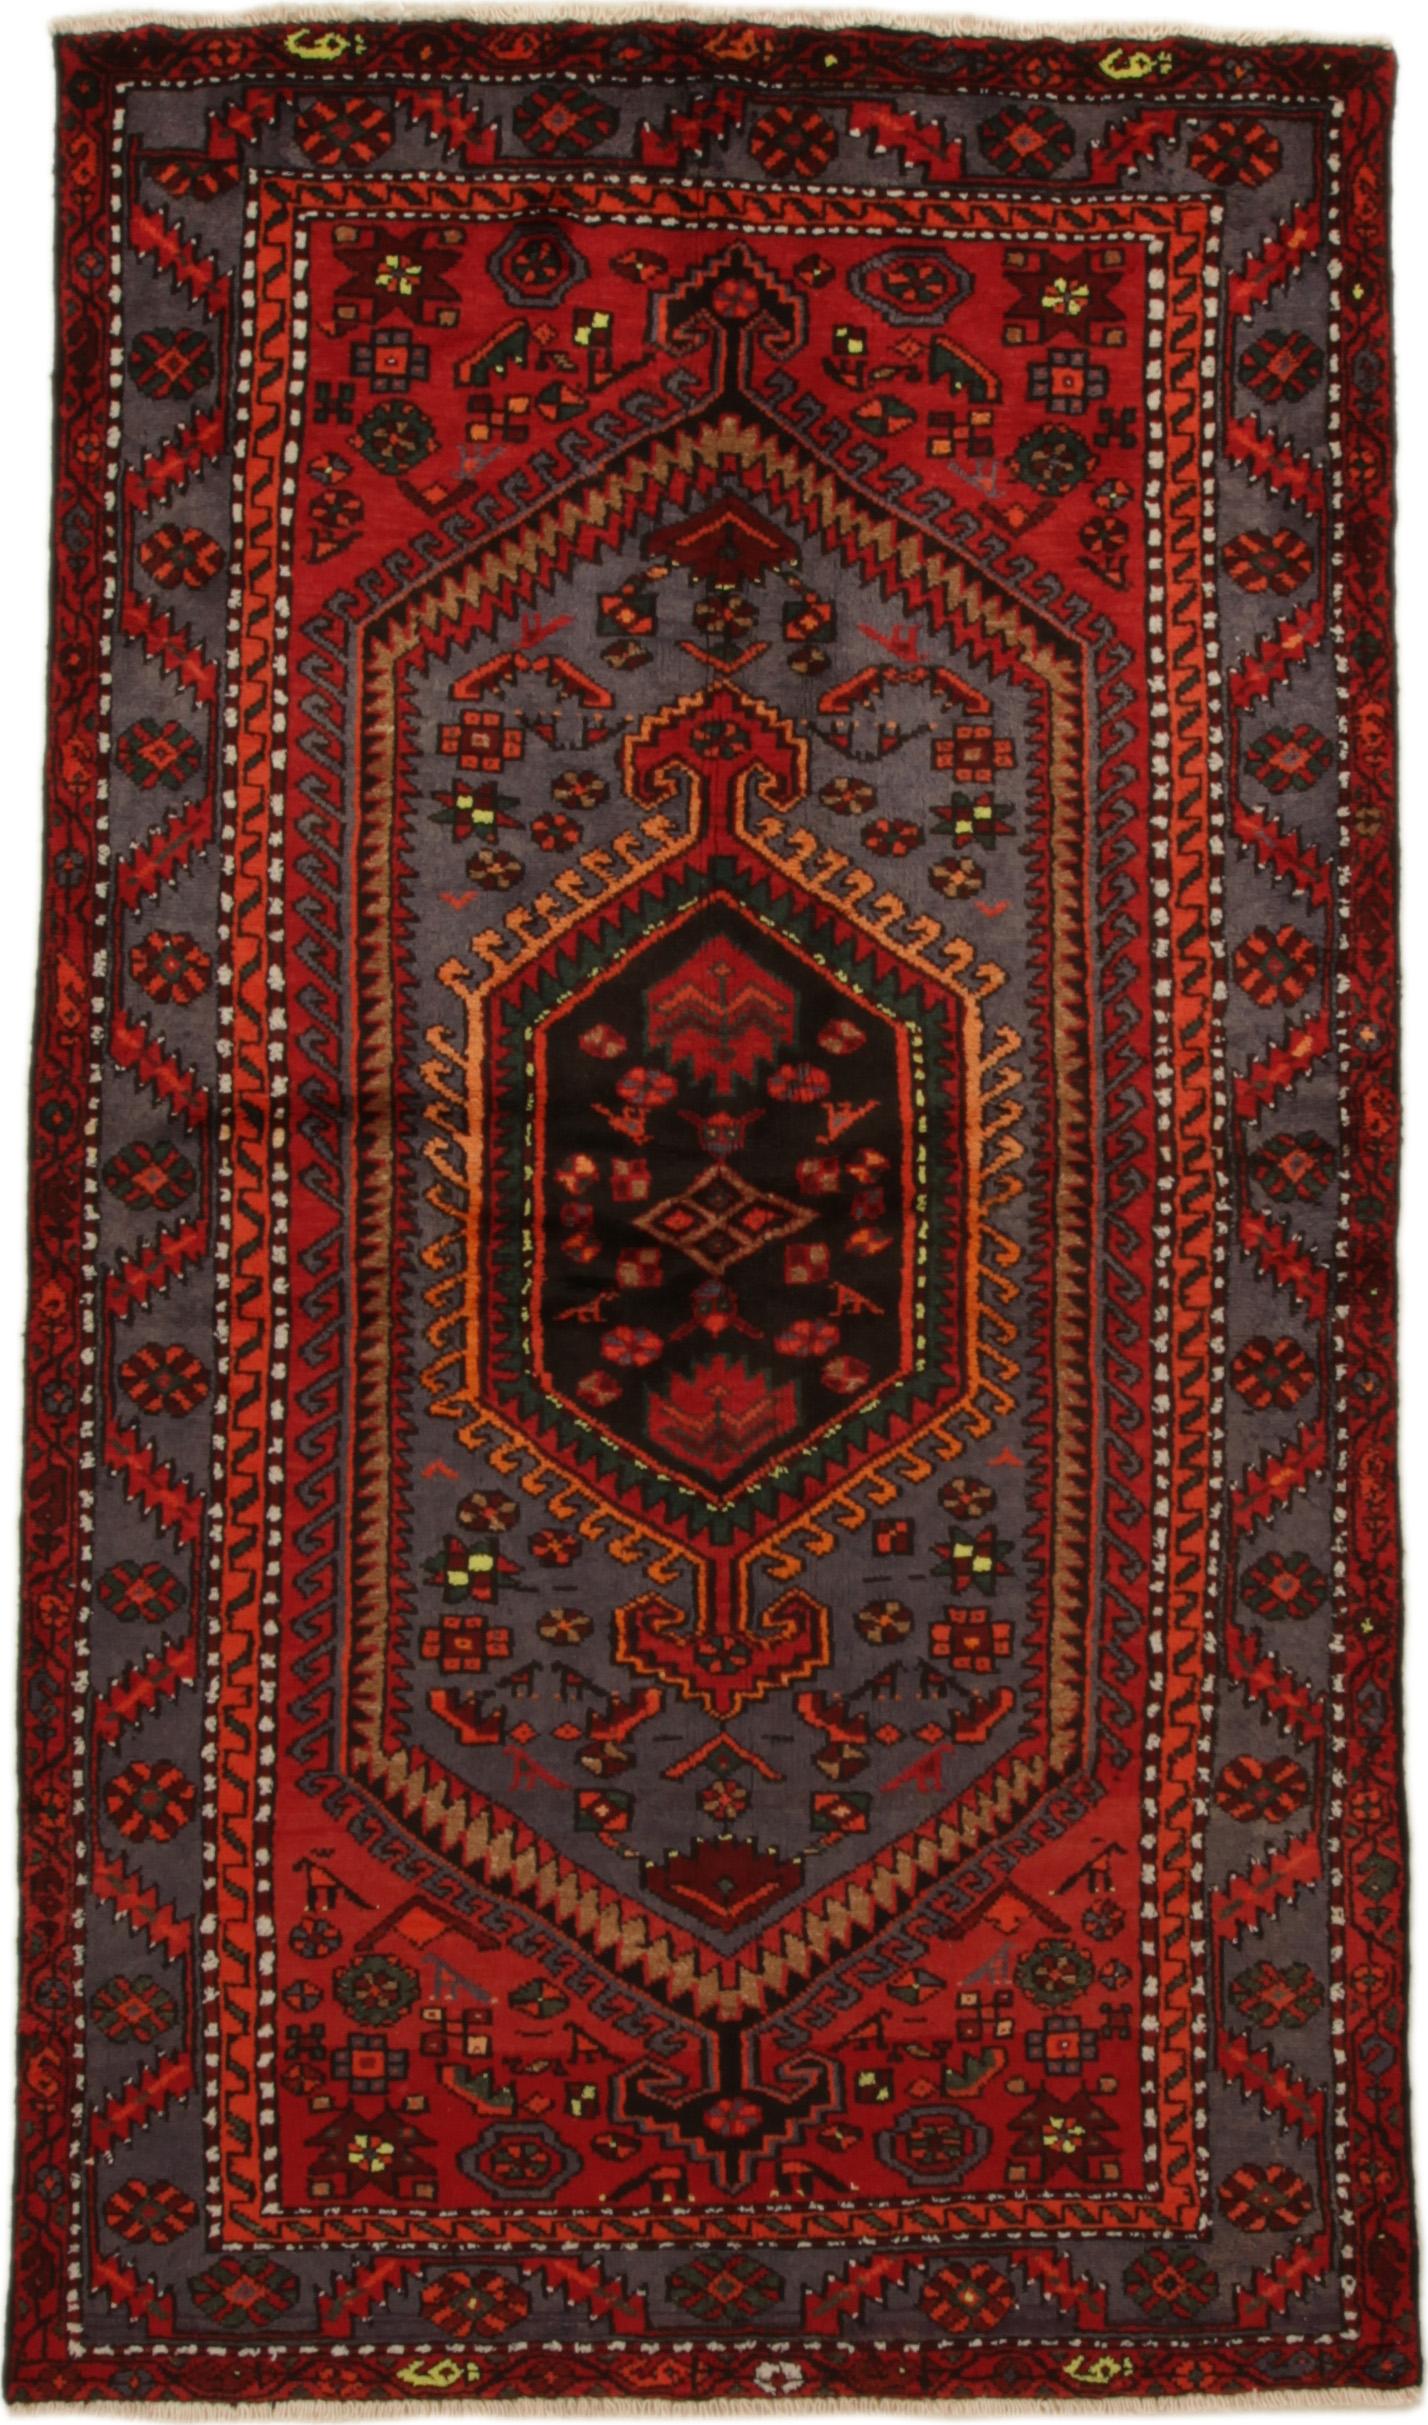 Persisk Zandjan tæppe, 217x127 cm - Persisk Zandjan tæppe, uld på bomuld. 217x127 cm